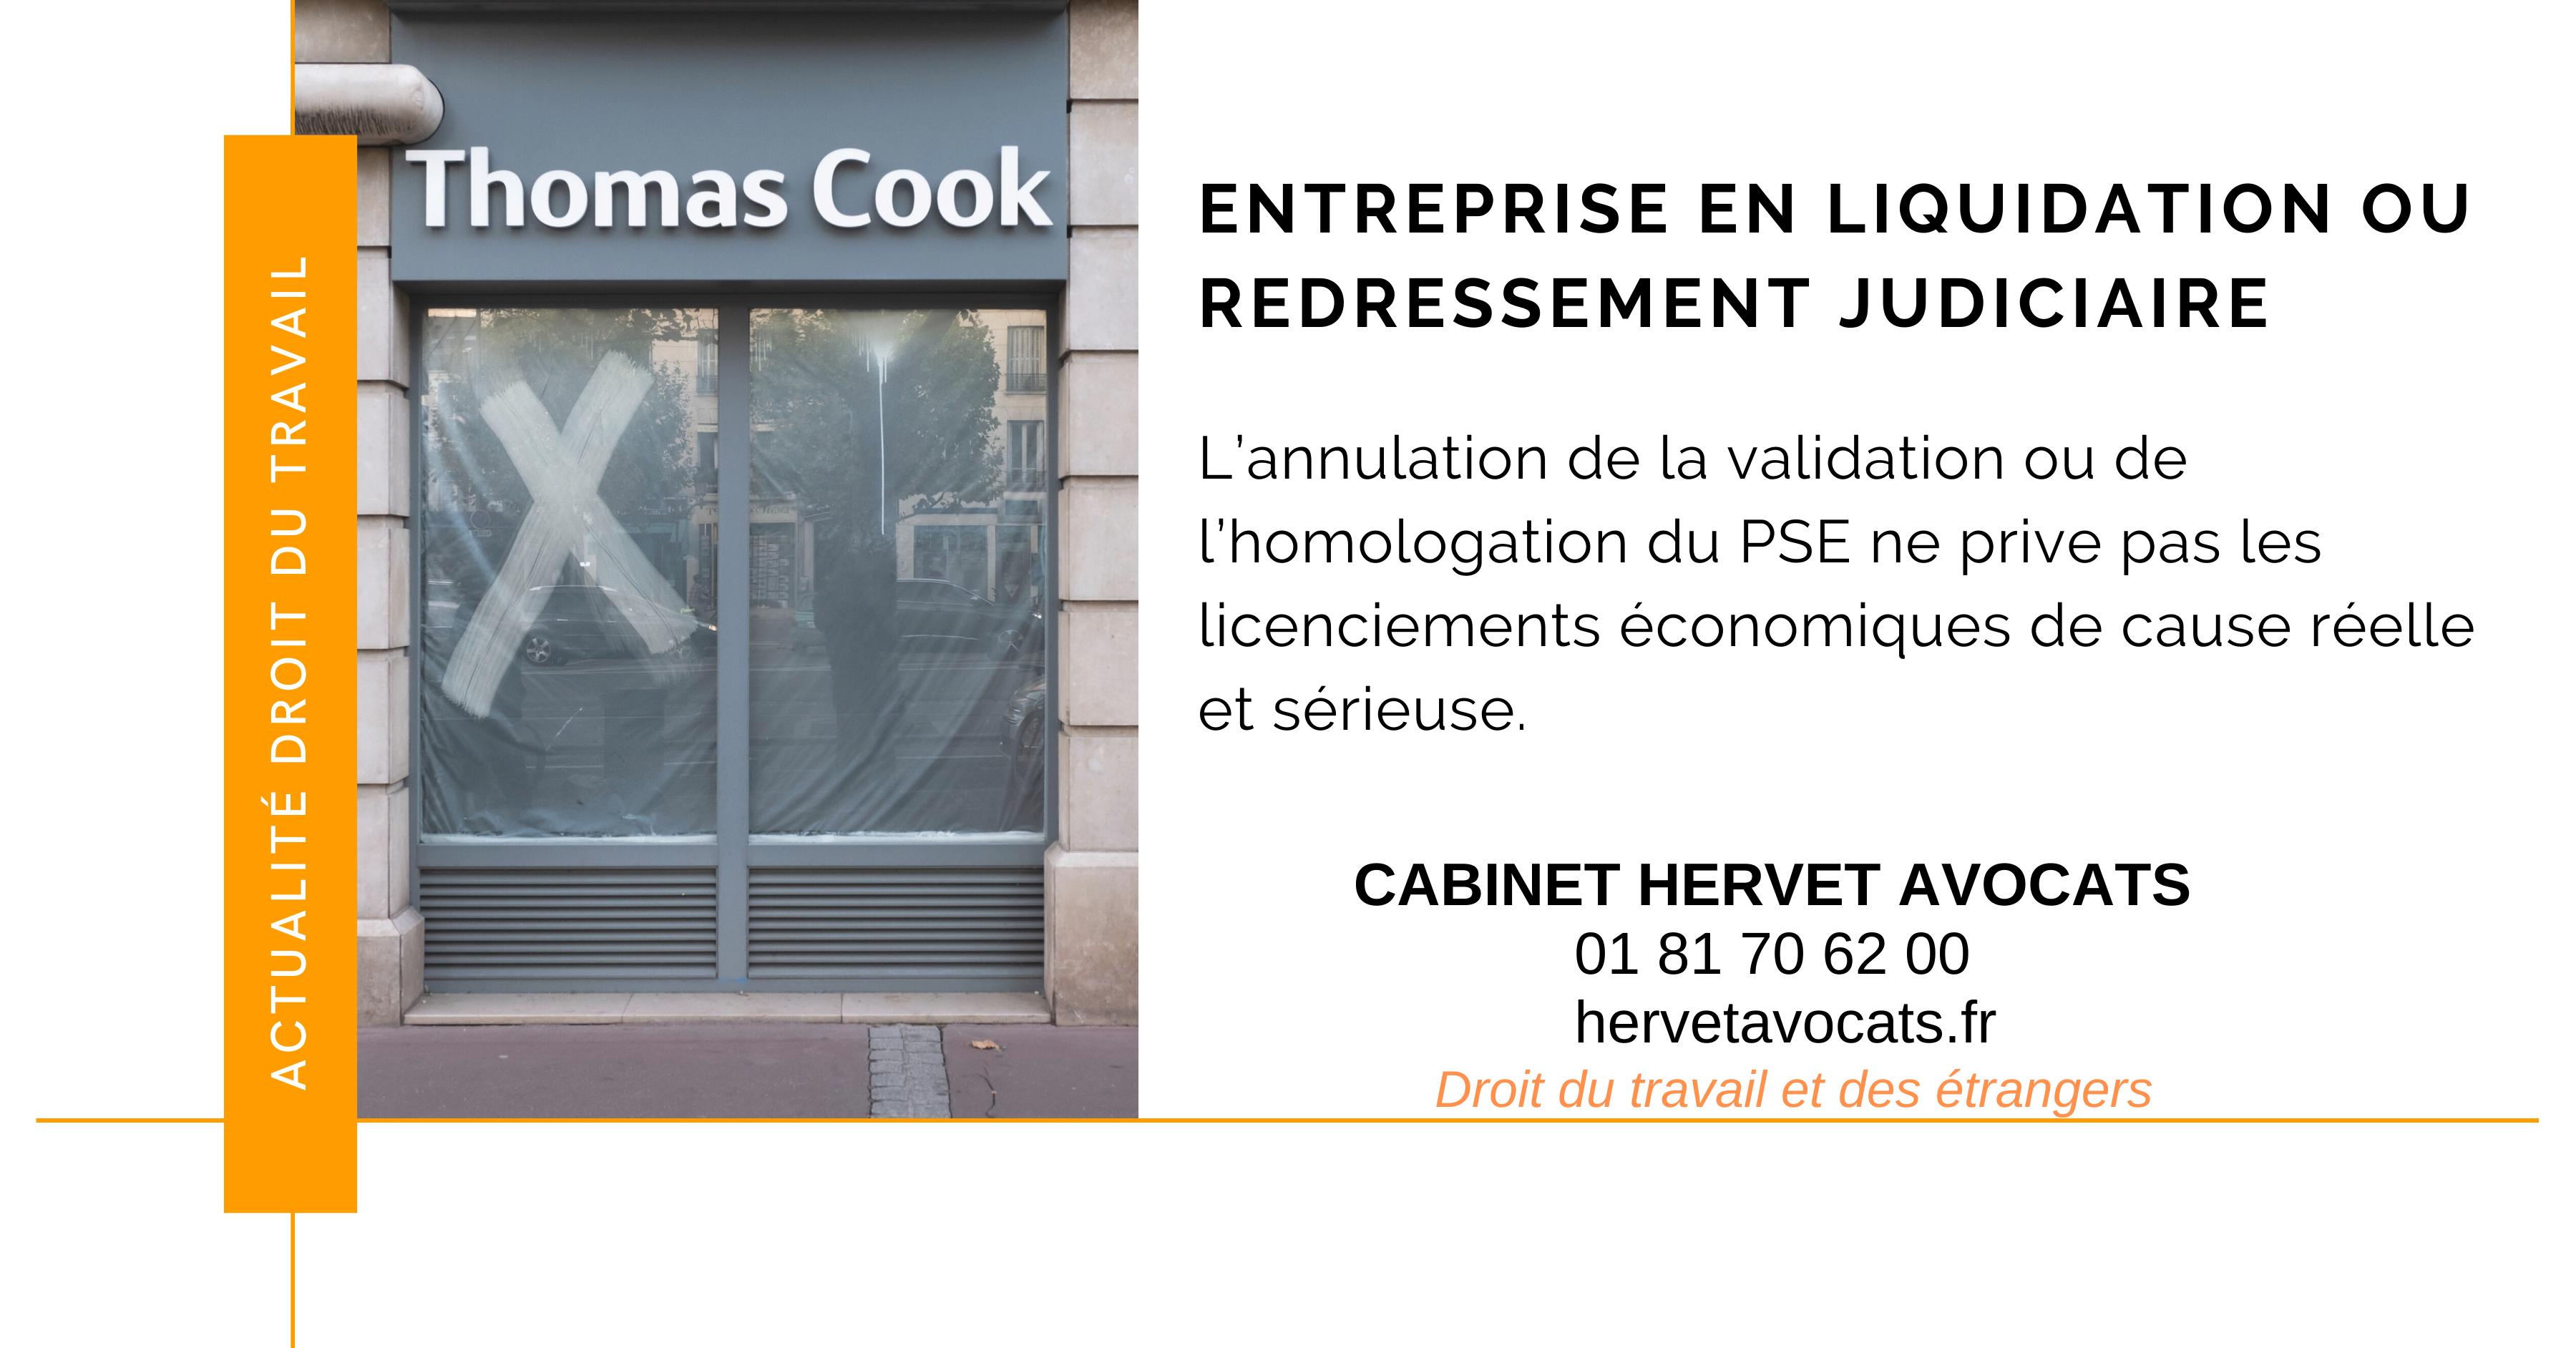 Entreprises en redressement ou liquidation judiciaire :  l'annulation de la validation ou de l'homologation du PSE ne prive pas les licenciements économiques de cause réelle et sérieuse.